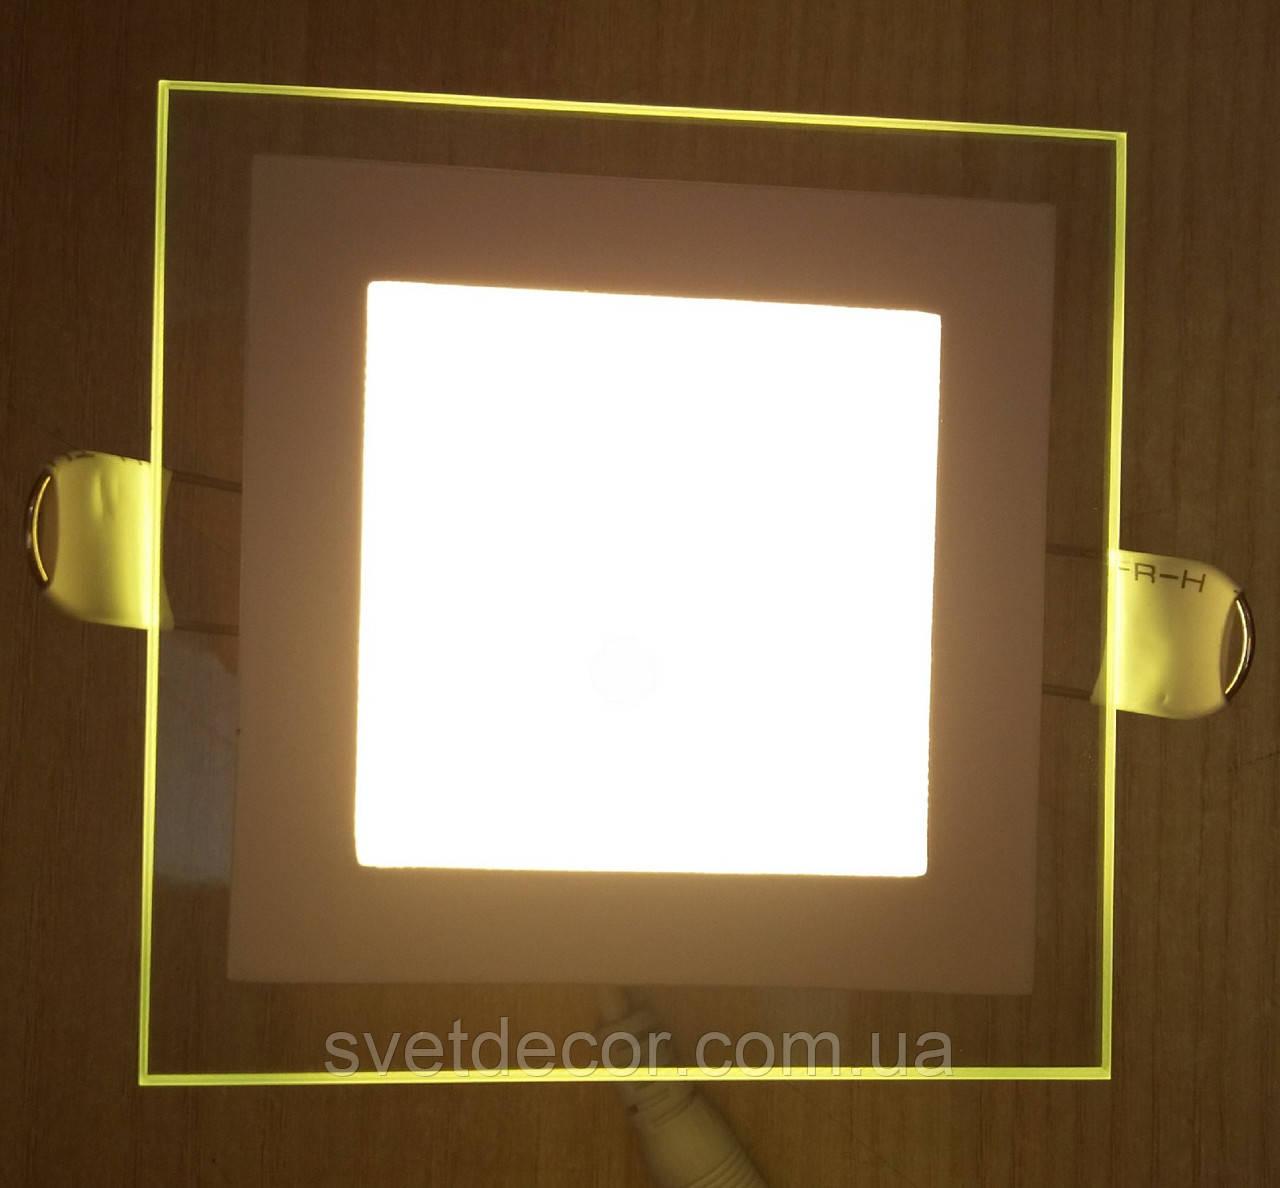 Светодиодный светильник со стеклом Feron AL2111 6W 2700К (теплый свет)